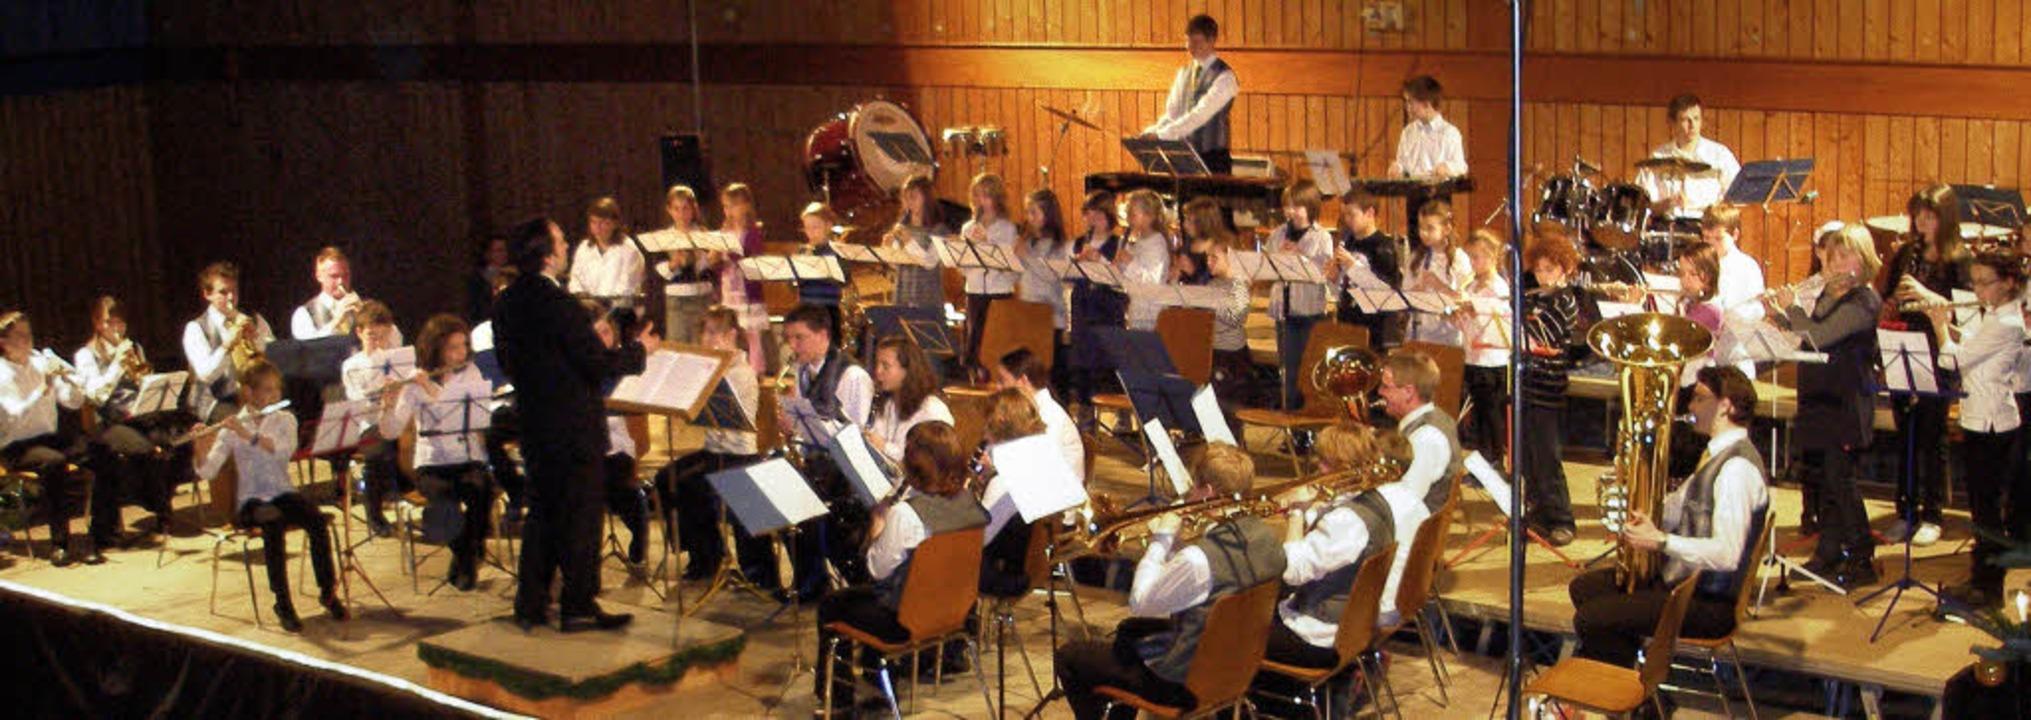 Das Jugendorchester spielt eine wichti...; im Hintergrund die 20 Flötenspieler.  | Foto: Karlernst Lauffer